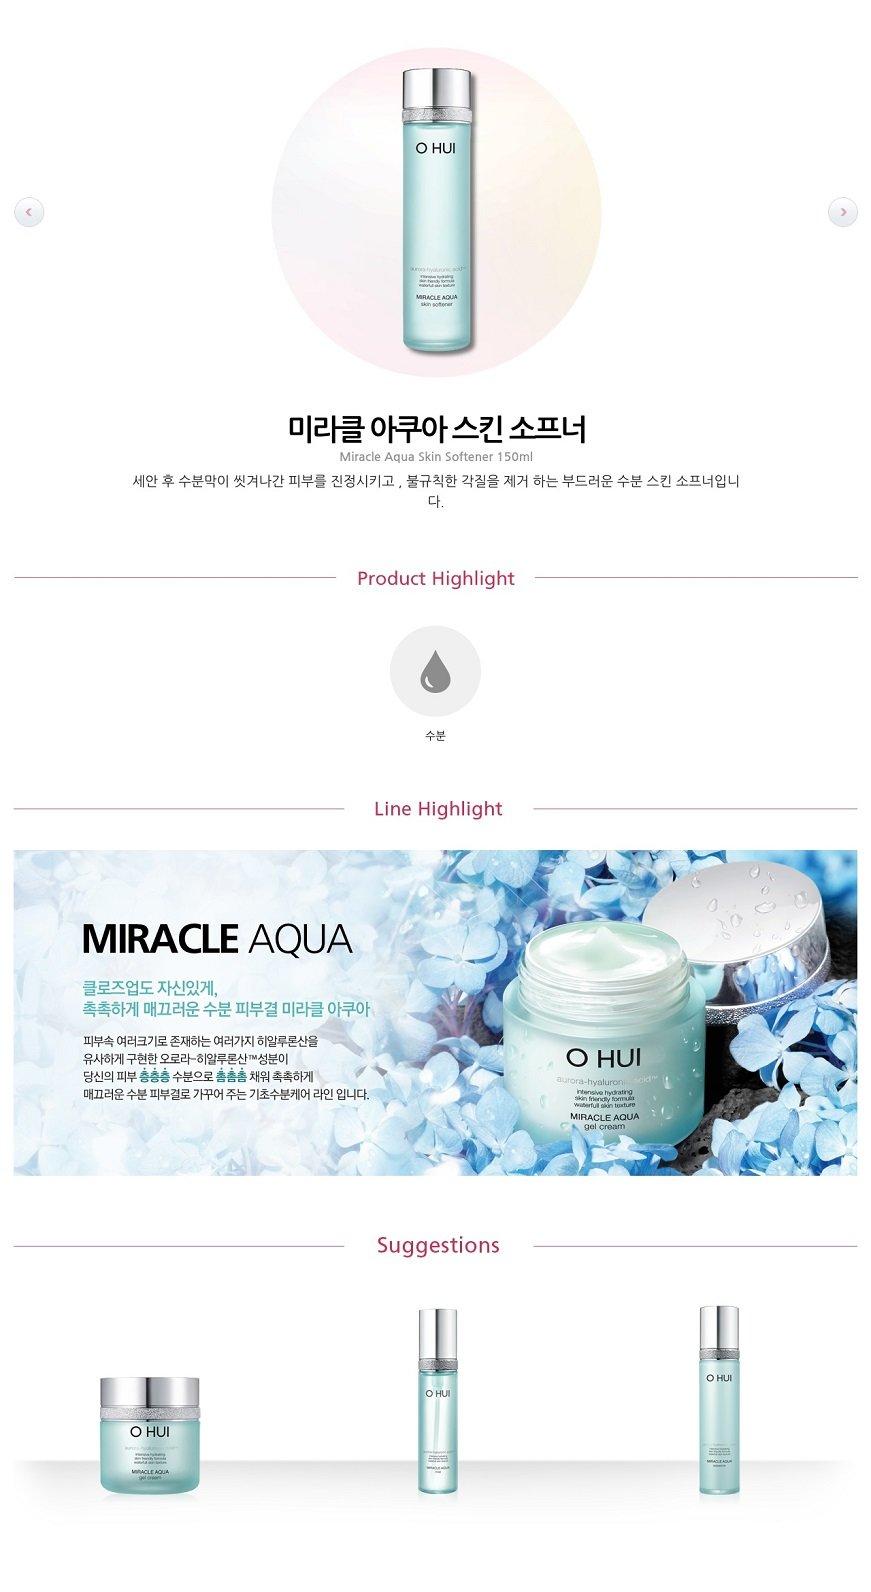 OHUI Miracle Aqua Skin Softener 150ml malaysia singapore indonesia